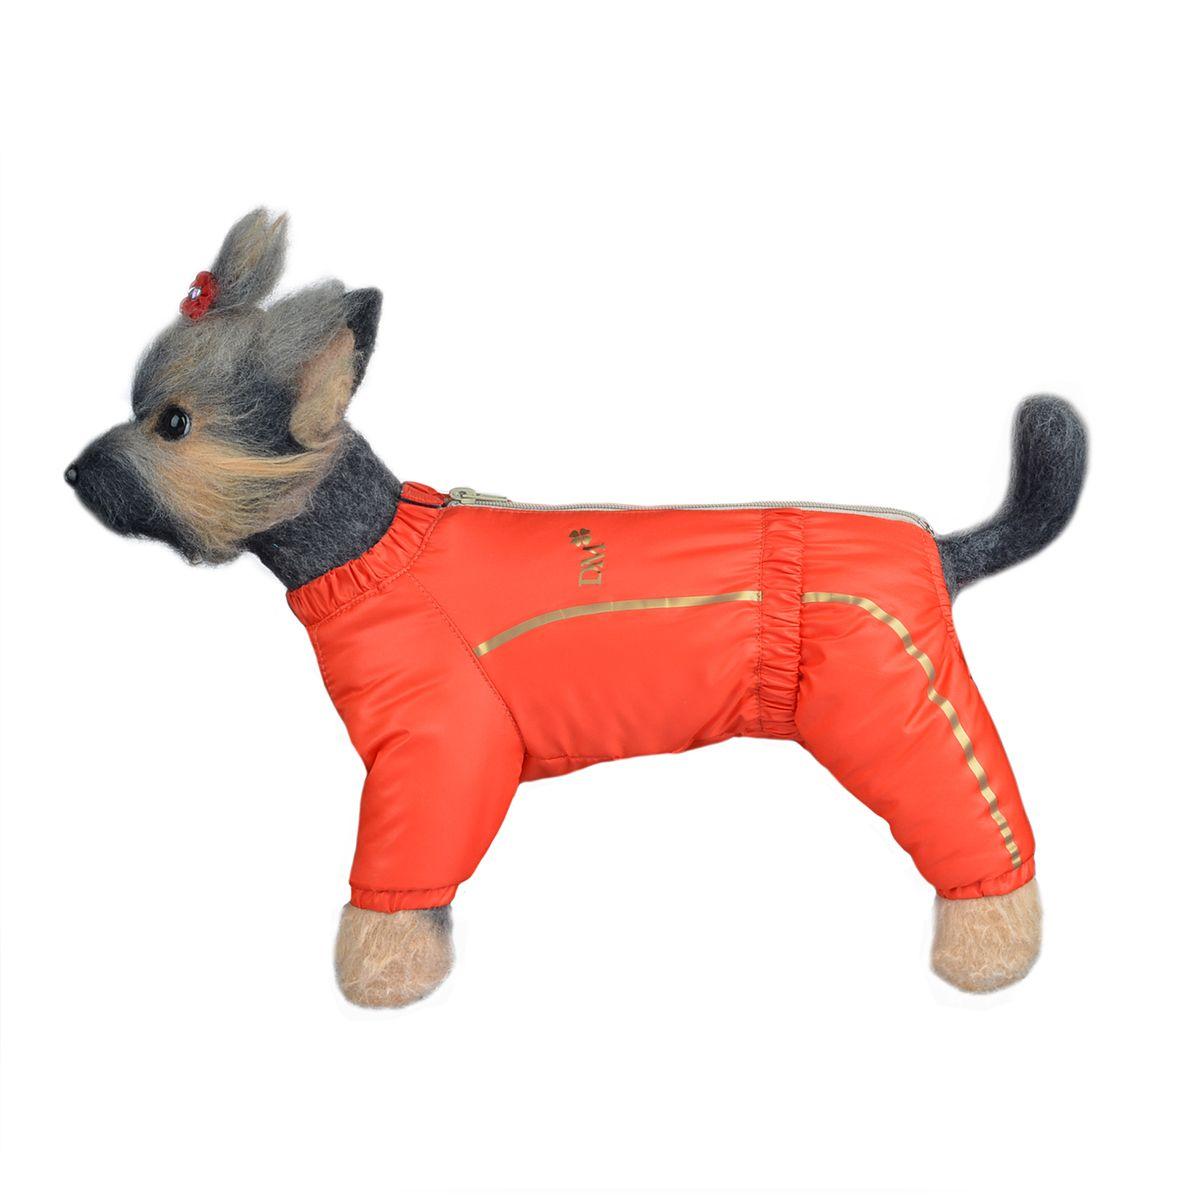 Комбинезон для собак Dogmoda Альпы, зимний, для девочки, цвет: оранжевый. Размер 2 (M)0120710Зимний комбинезон для собак Dogmoda Альпы отлично подойдет для прогулок в зимнее время года.Комбинезон изготовлен из полиэстера, защищающего от ветра и снега, с утеплителем из синтепона, который сохранит тепло даже в сильные морозы, а на подкладке используется искусственный мех, который обеспечивает отличный воздухообмен. Комбинезон застегивается на молнию и липучку, благодаря чему его легко надевать и снимать. Ворот, низ рукавов и брючин оснащены внутренними резинками, которые мягко обхватывают шею и лапки, не позволяя просачиваться холодному воздуху. На пояснице имеется внутренняя резинка. Изделие декорировано бежевыми полосками и надписью DM.Благодаря такому комбинезону простуда не грозит вашему питомцу и он сможет испытать не сравнимое удовольствие от снежных игр и забав.Длина по спинке: 24 см.Объем груди: 39 см.Обхват шеи: 25 см.